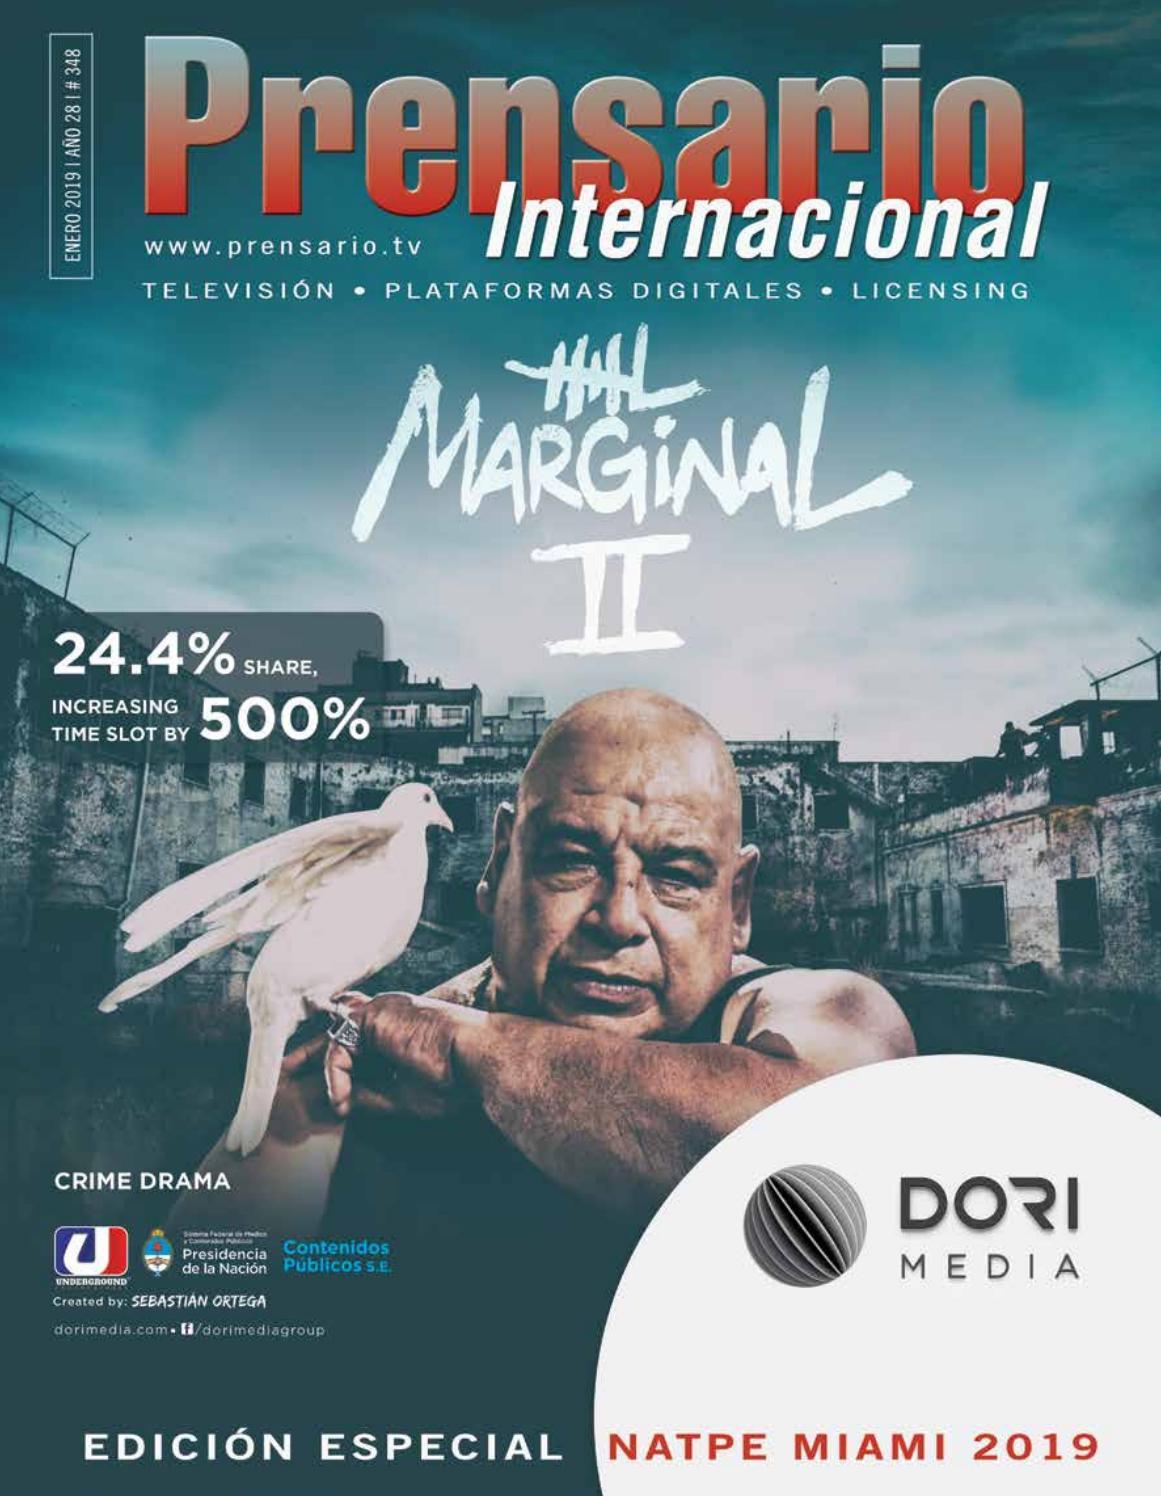 Prensario Internacional Edicion Especial Natpe 2019 By Prensario Issuu